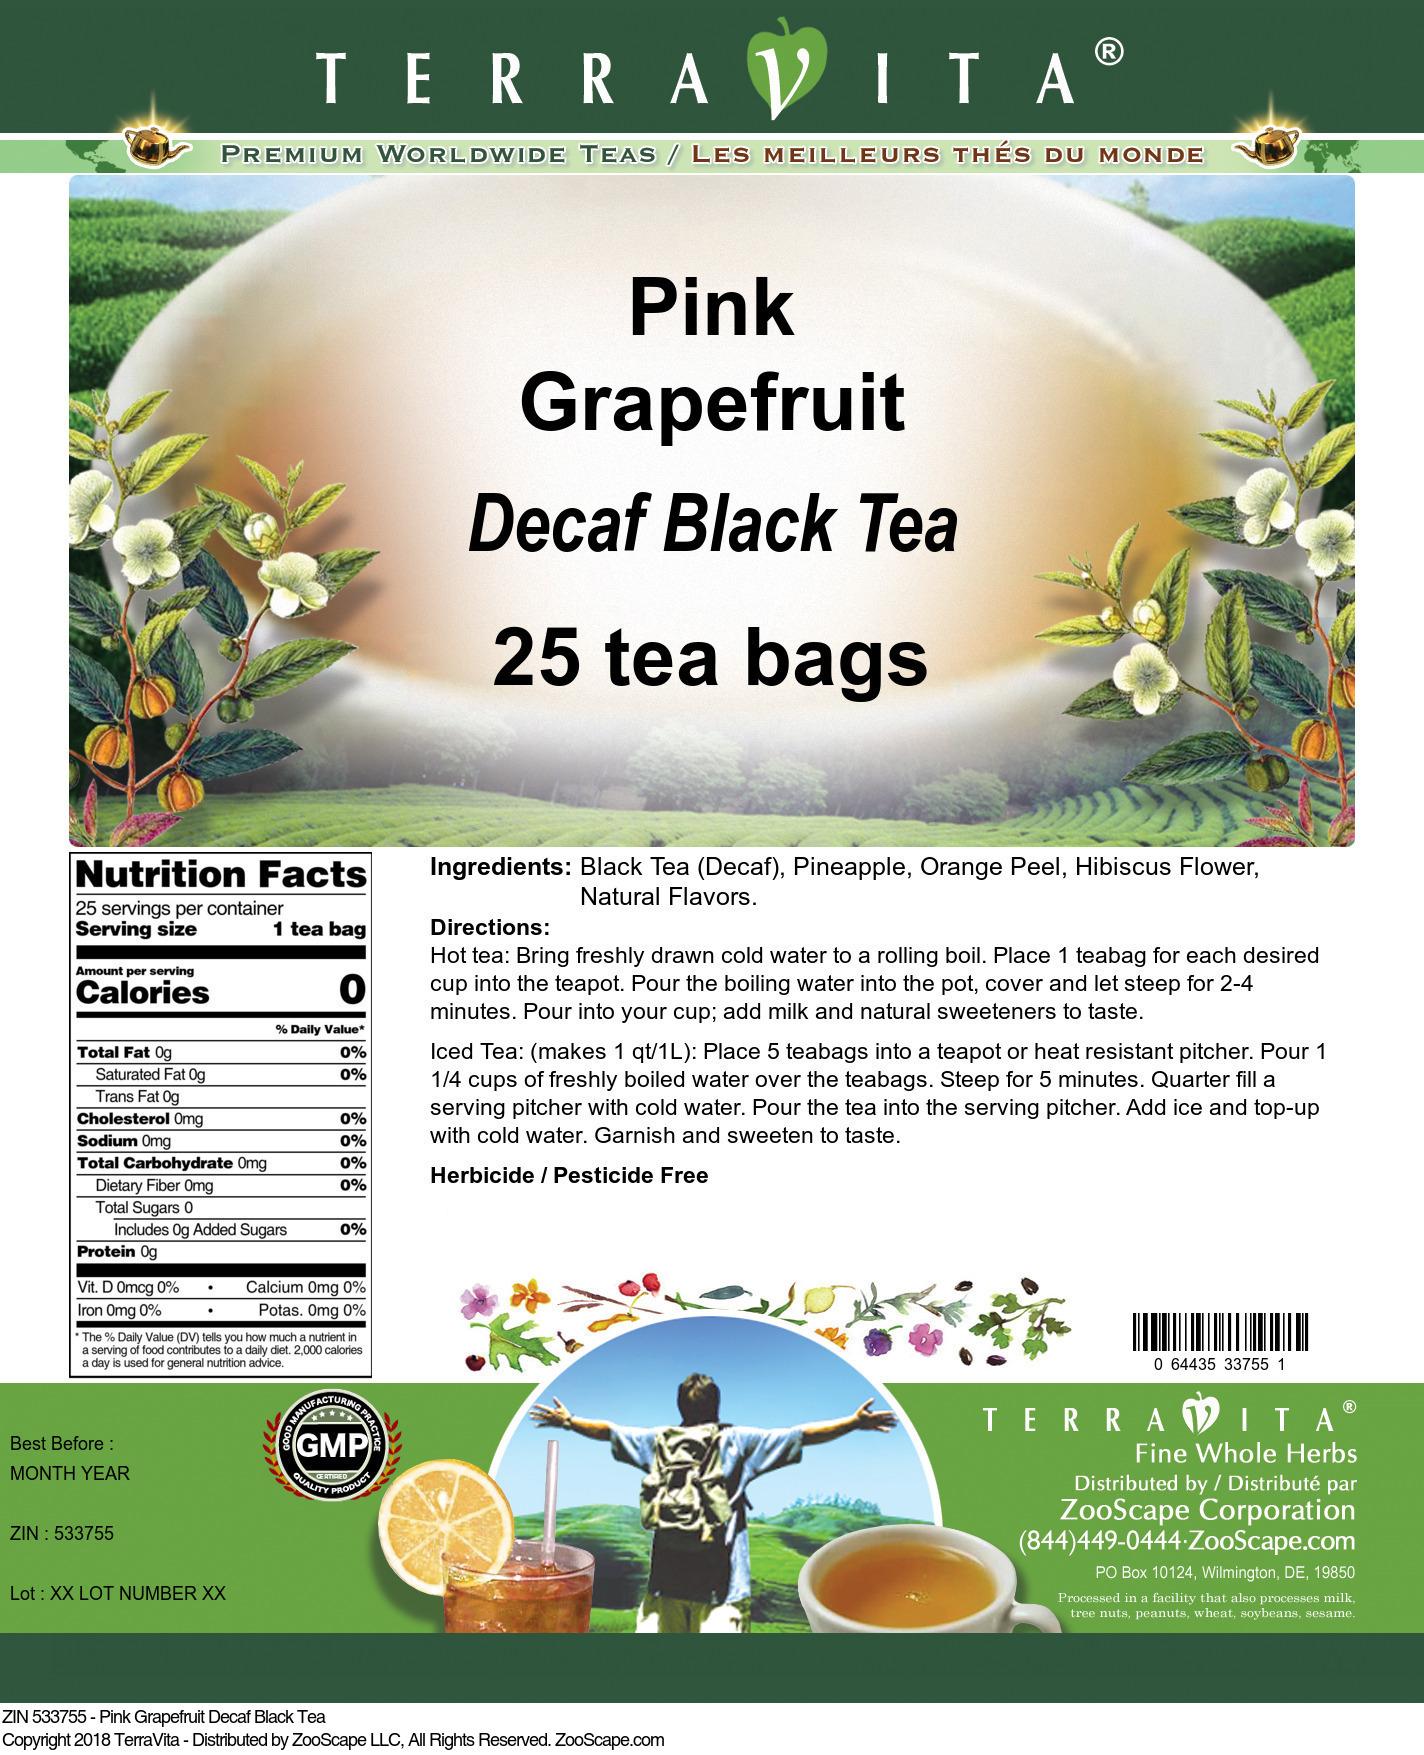 Pink Grapefruit Decaf Black Tea